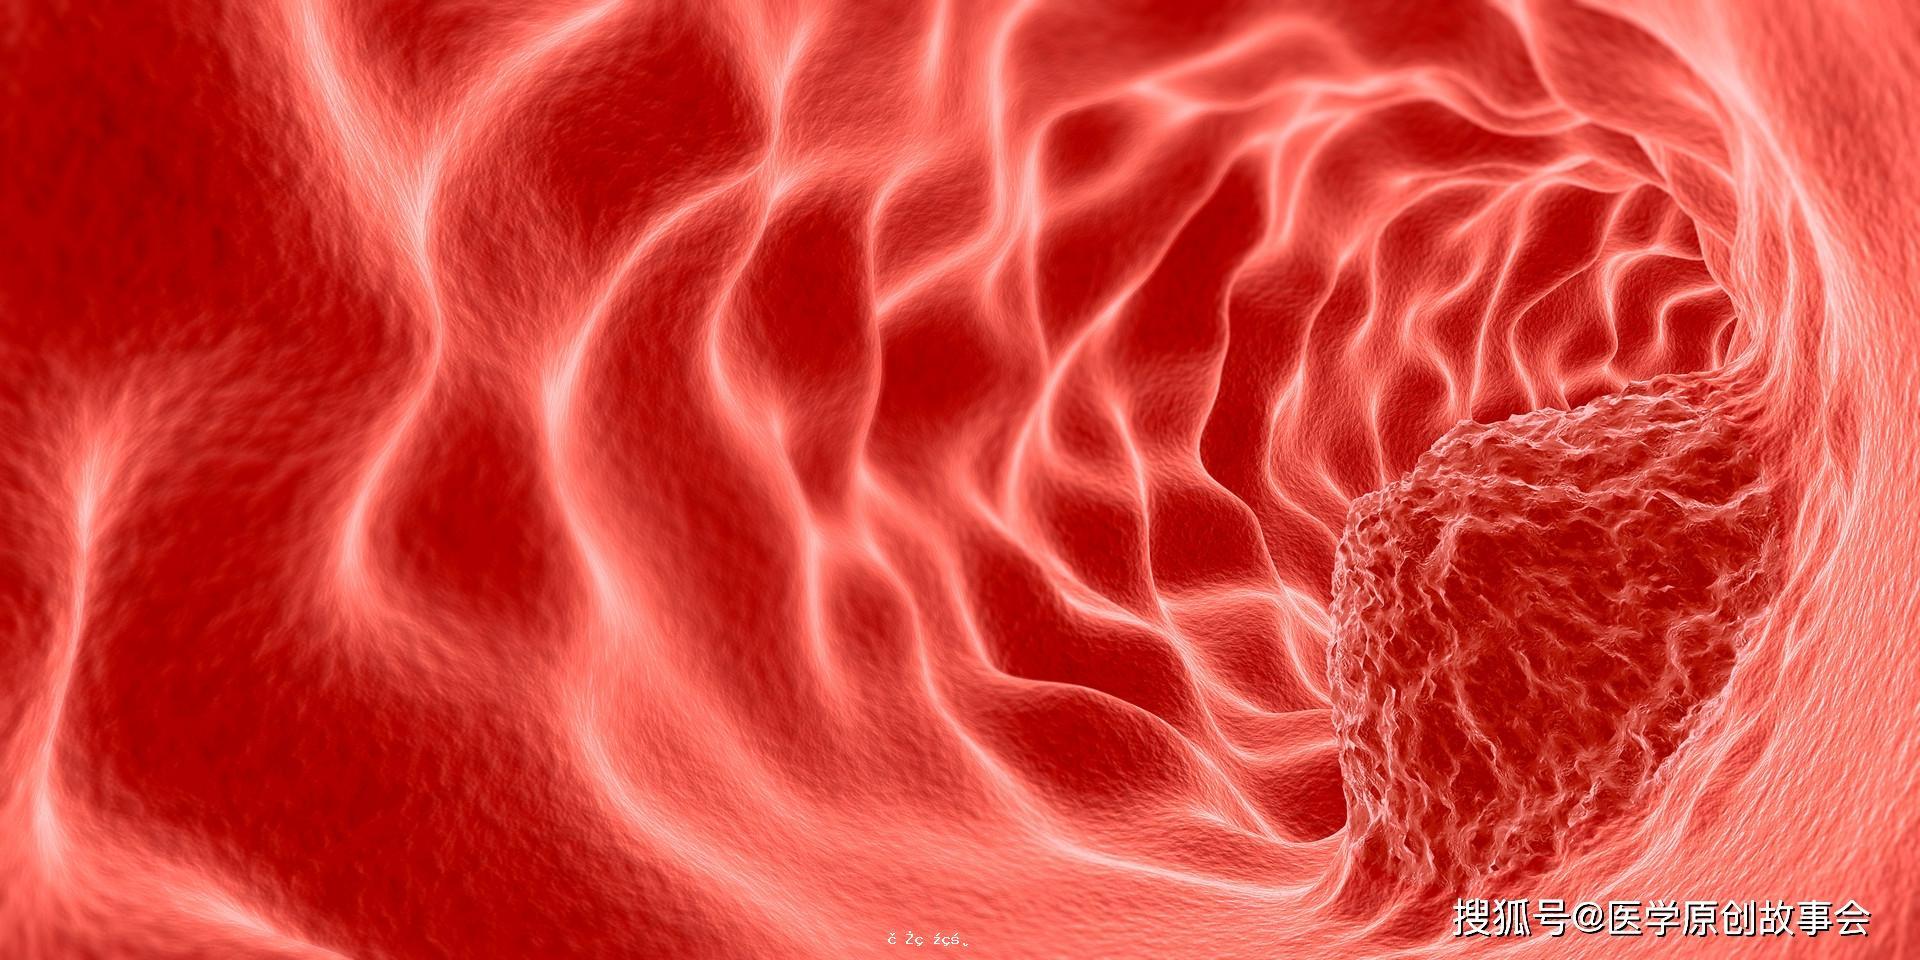 晚期癌癥只能活活痛死?癌痛到底有多痛?一個醫生終於說了大實話